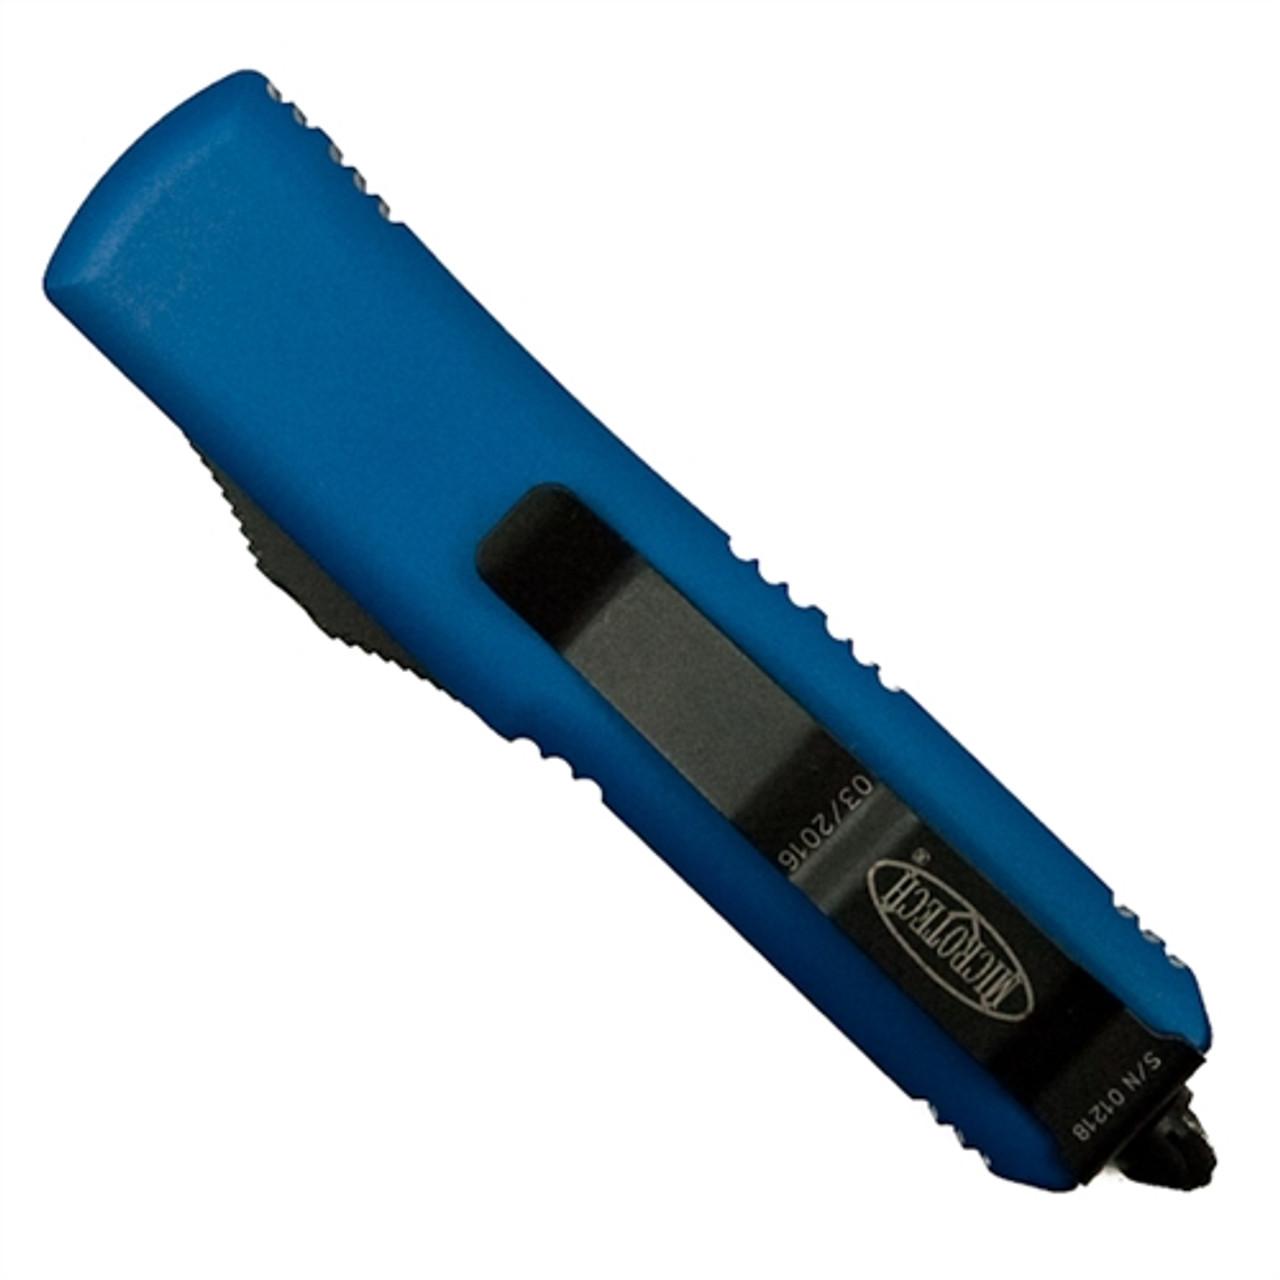 Microtech 231-1BL Blue UTX-85 S/E OTF Auto Knife, Black Blade